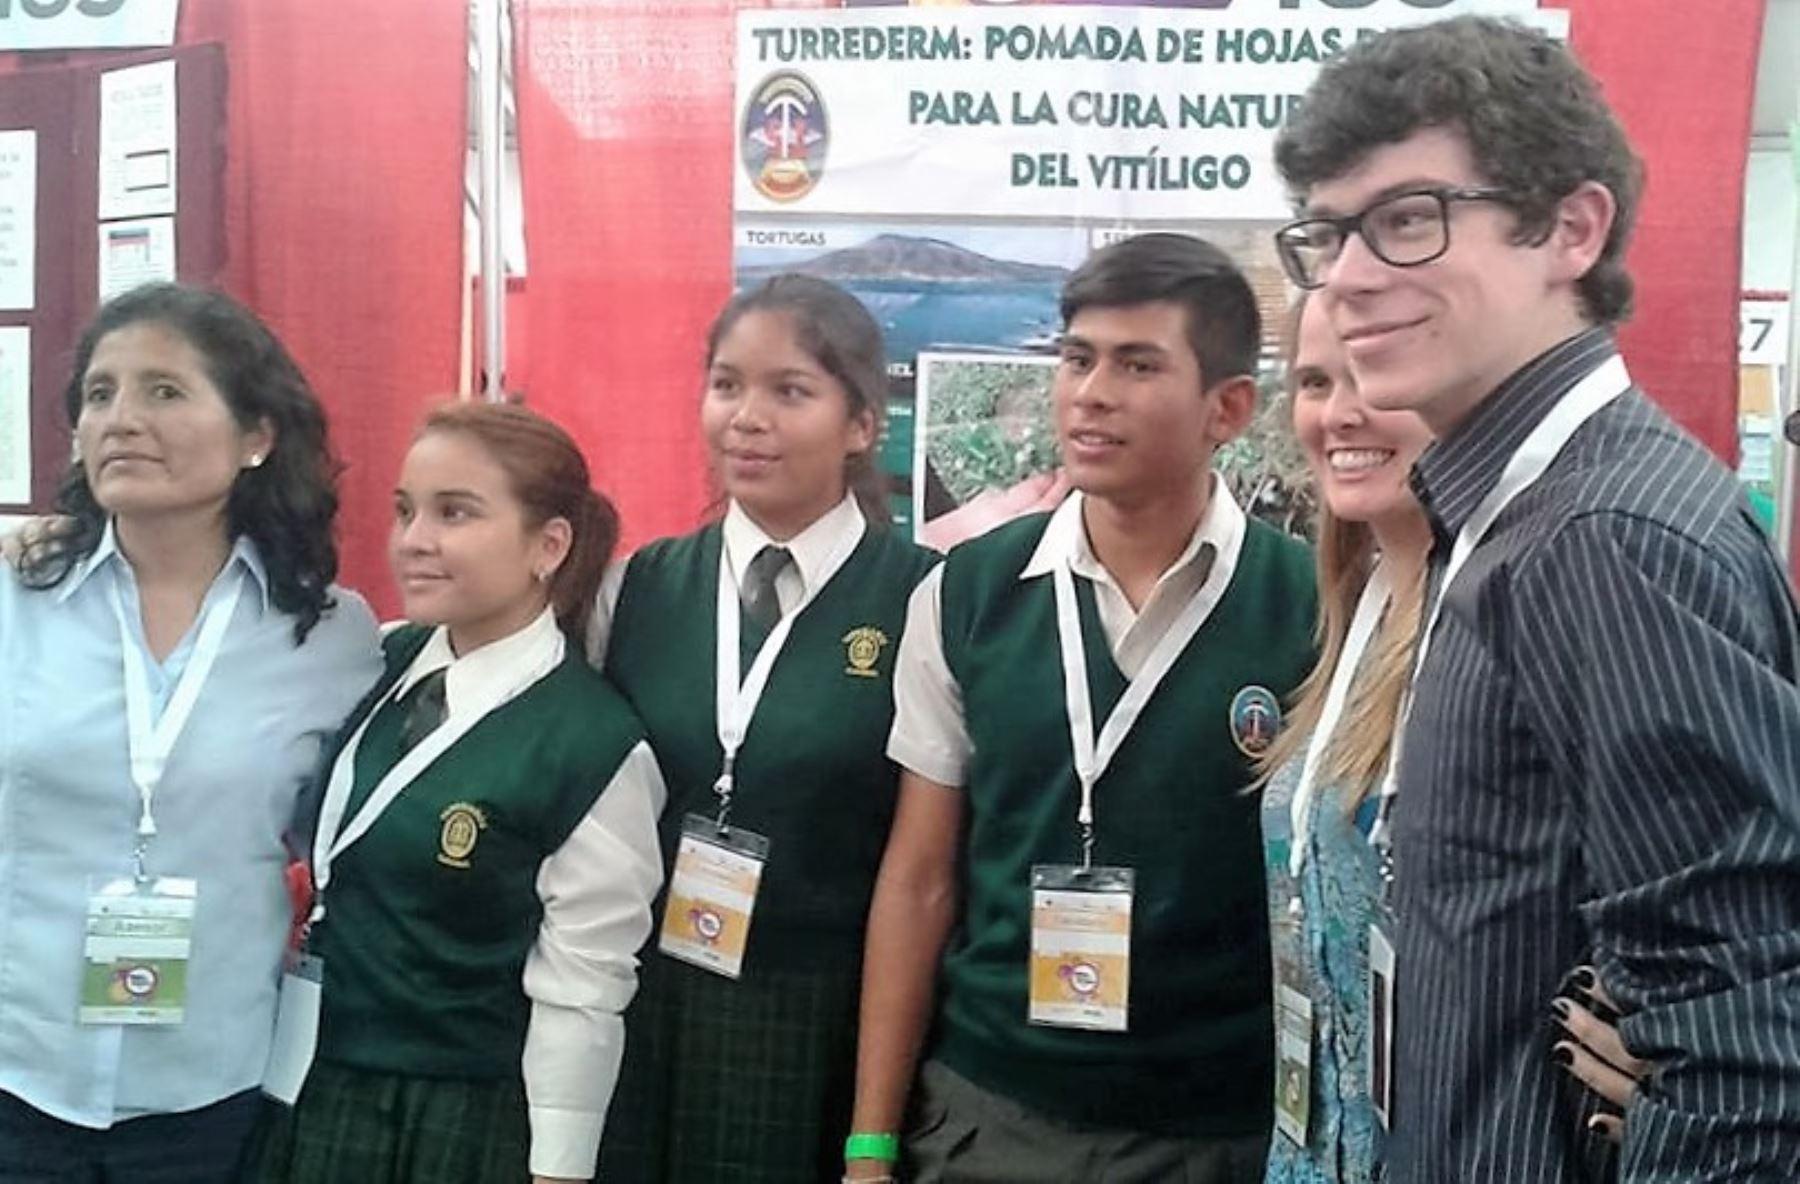 Escolares de Casma destacan en México con crema que trata el vitíligo.